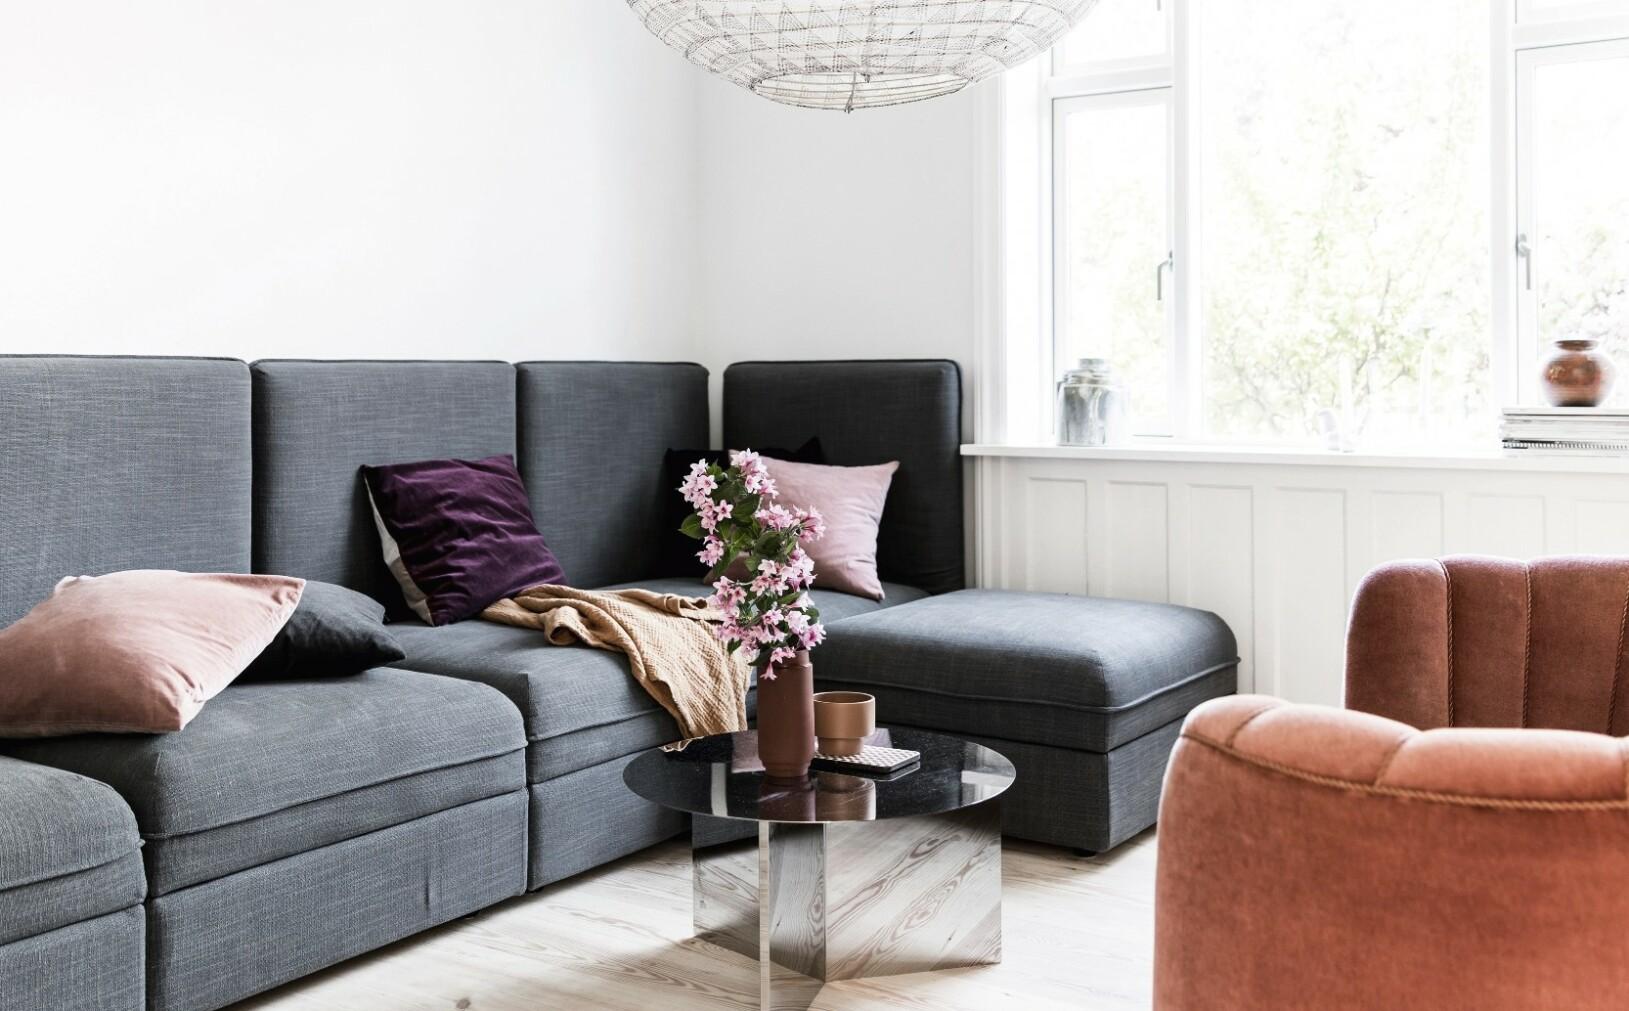 En praktisk, stram modulsofa fra Ikea står sammen med Ann-Sofies yndingsmøbel, nemlig den gamle velursofaen med myke former. Den store lampen fra Paris au Mois d'août får nesten bordet fra Hay til å til å se ut som en miniatyr. Tips! Spill på kontraster! I både form og størrelse. FOTO: Another Studio